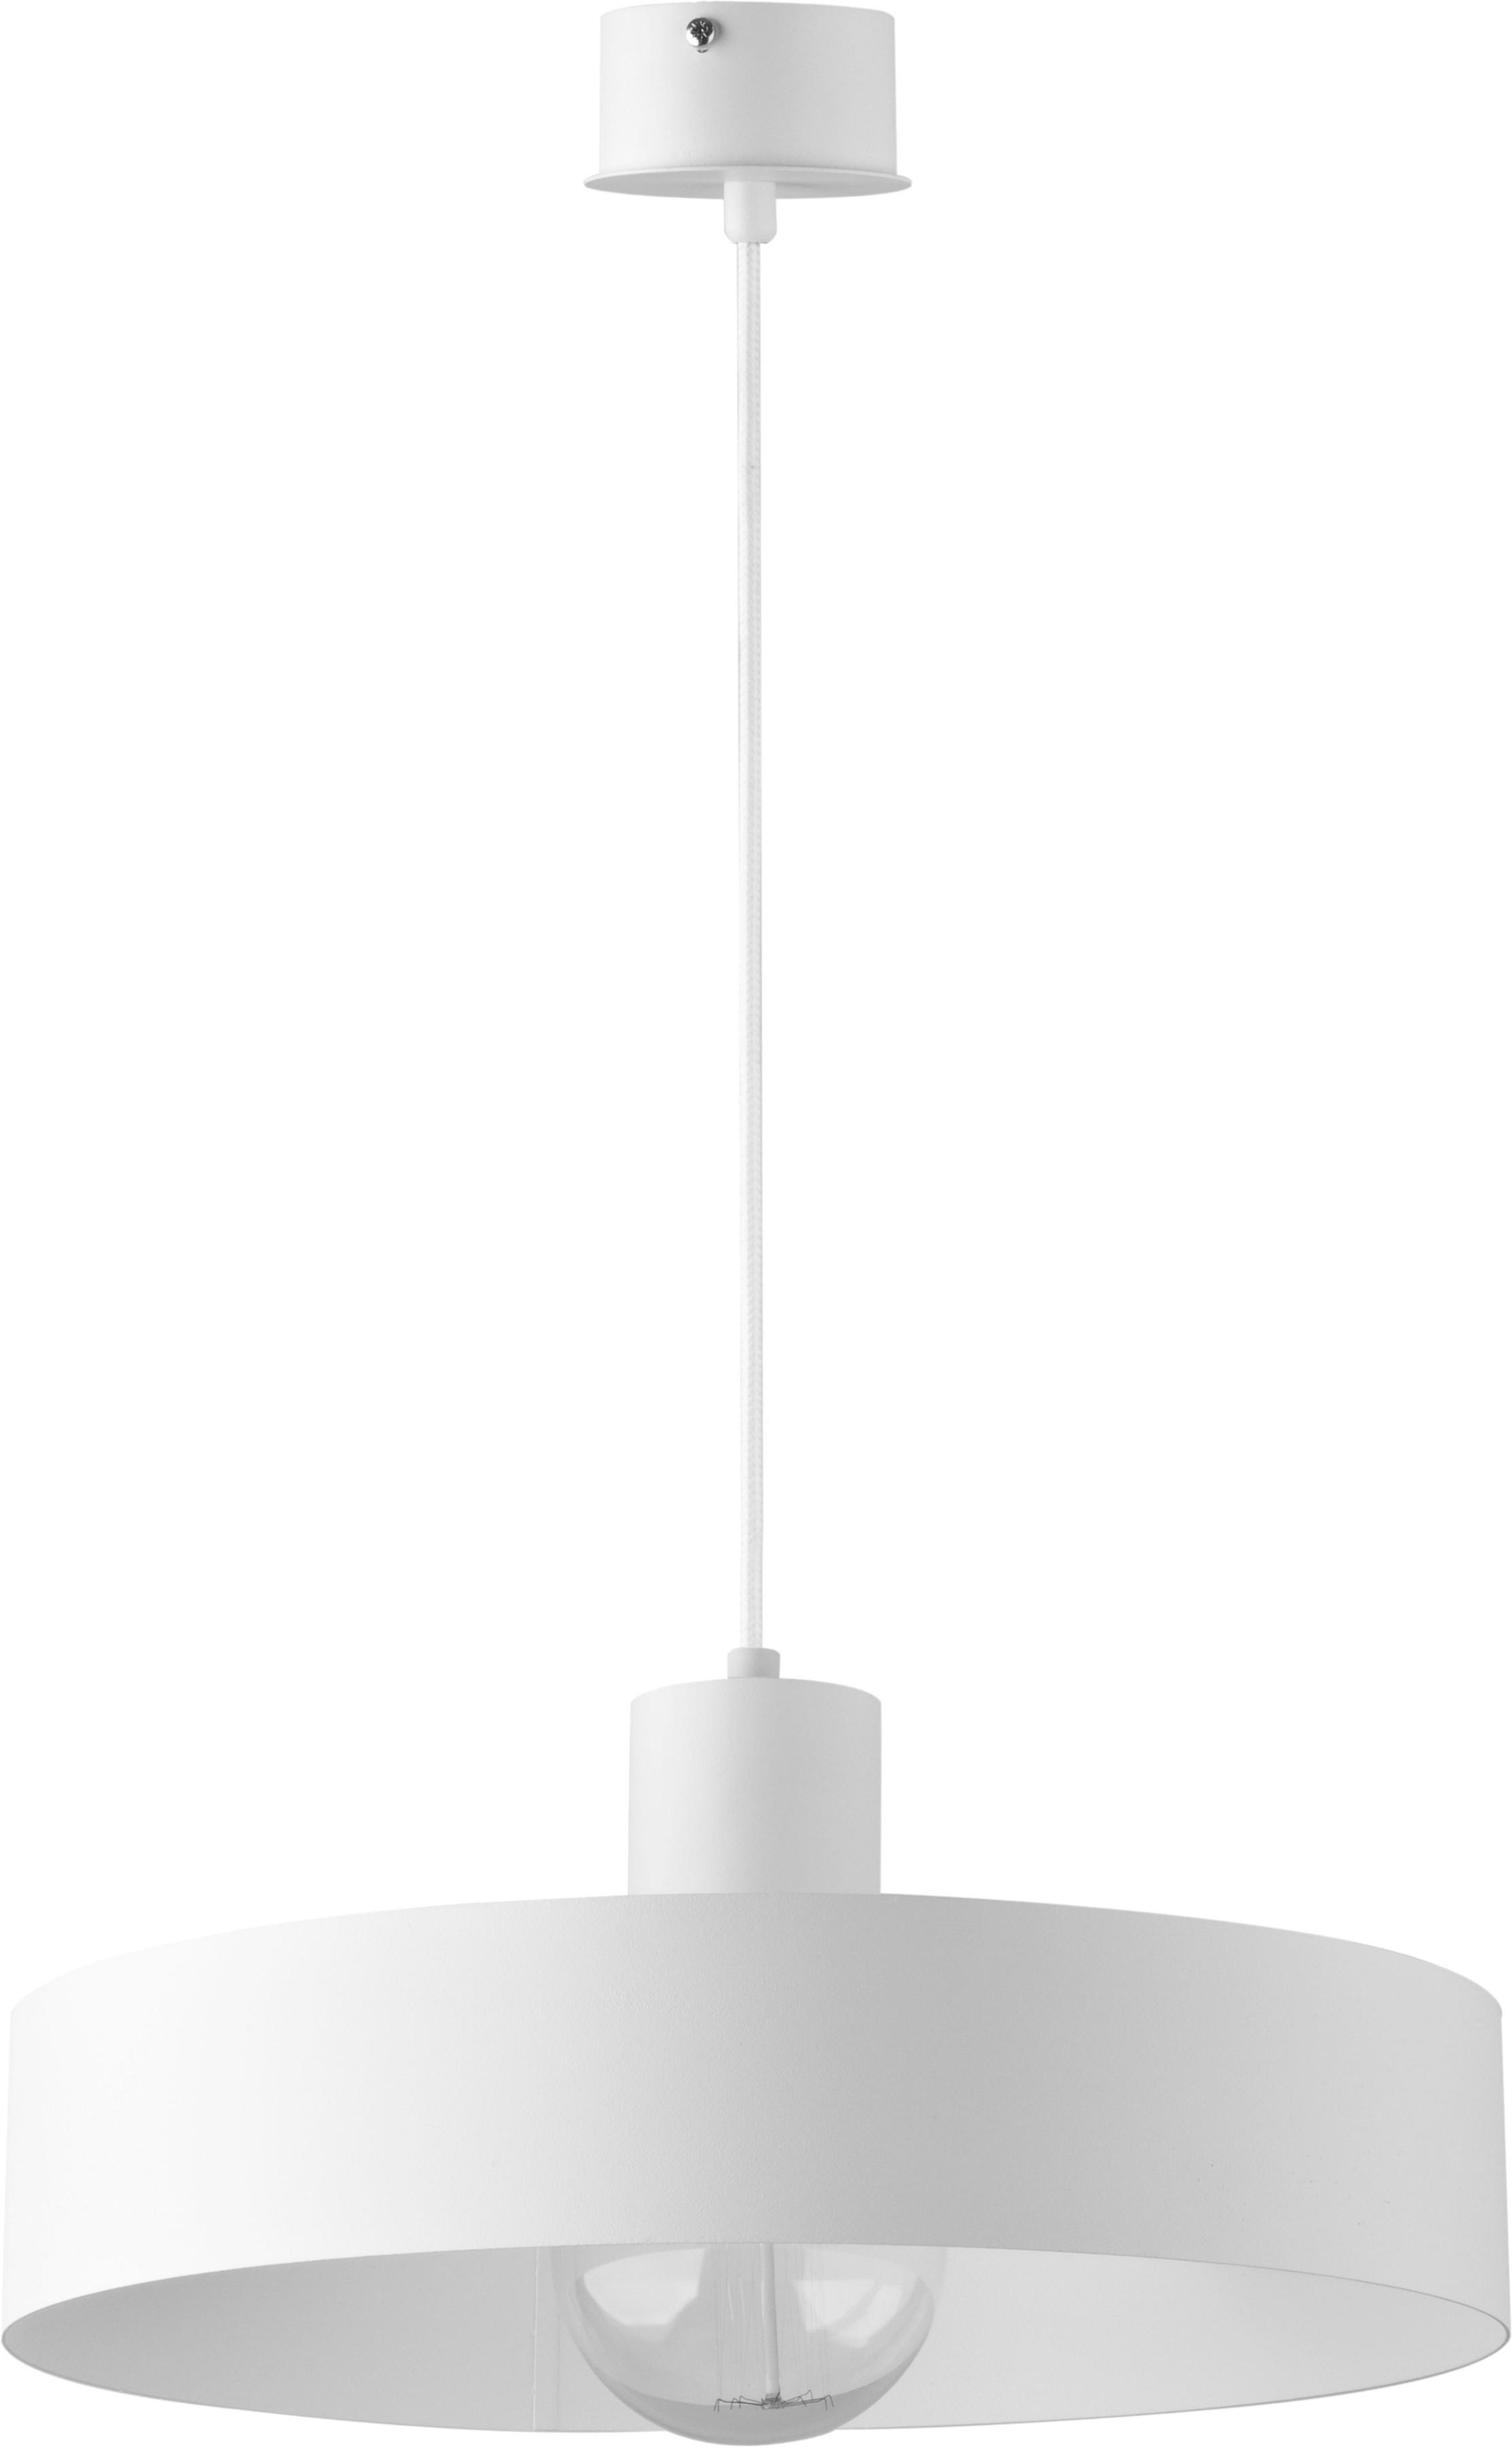 Lampa wisząca Rif 1 L biała 30901 - Sigma Do -17% rabatu w koszyku i darmowa dostawa od 299zł !